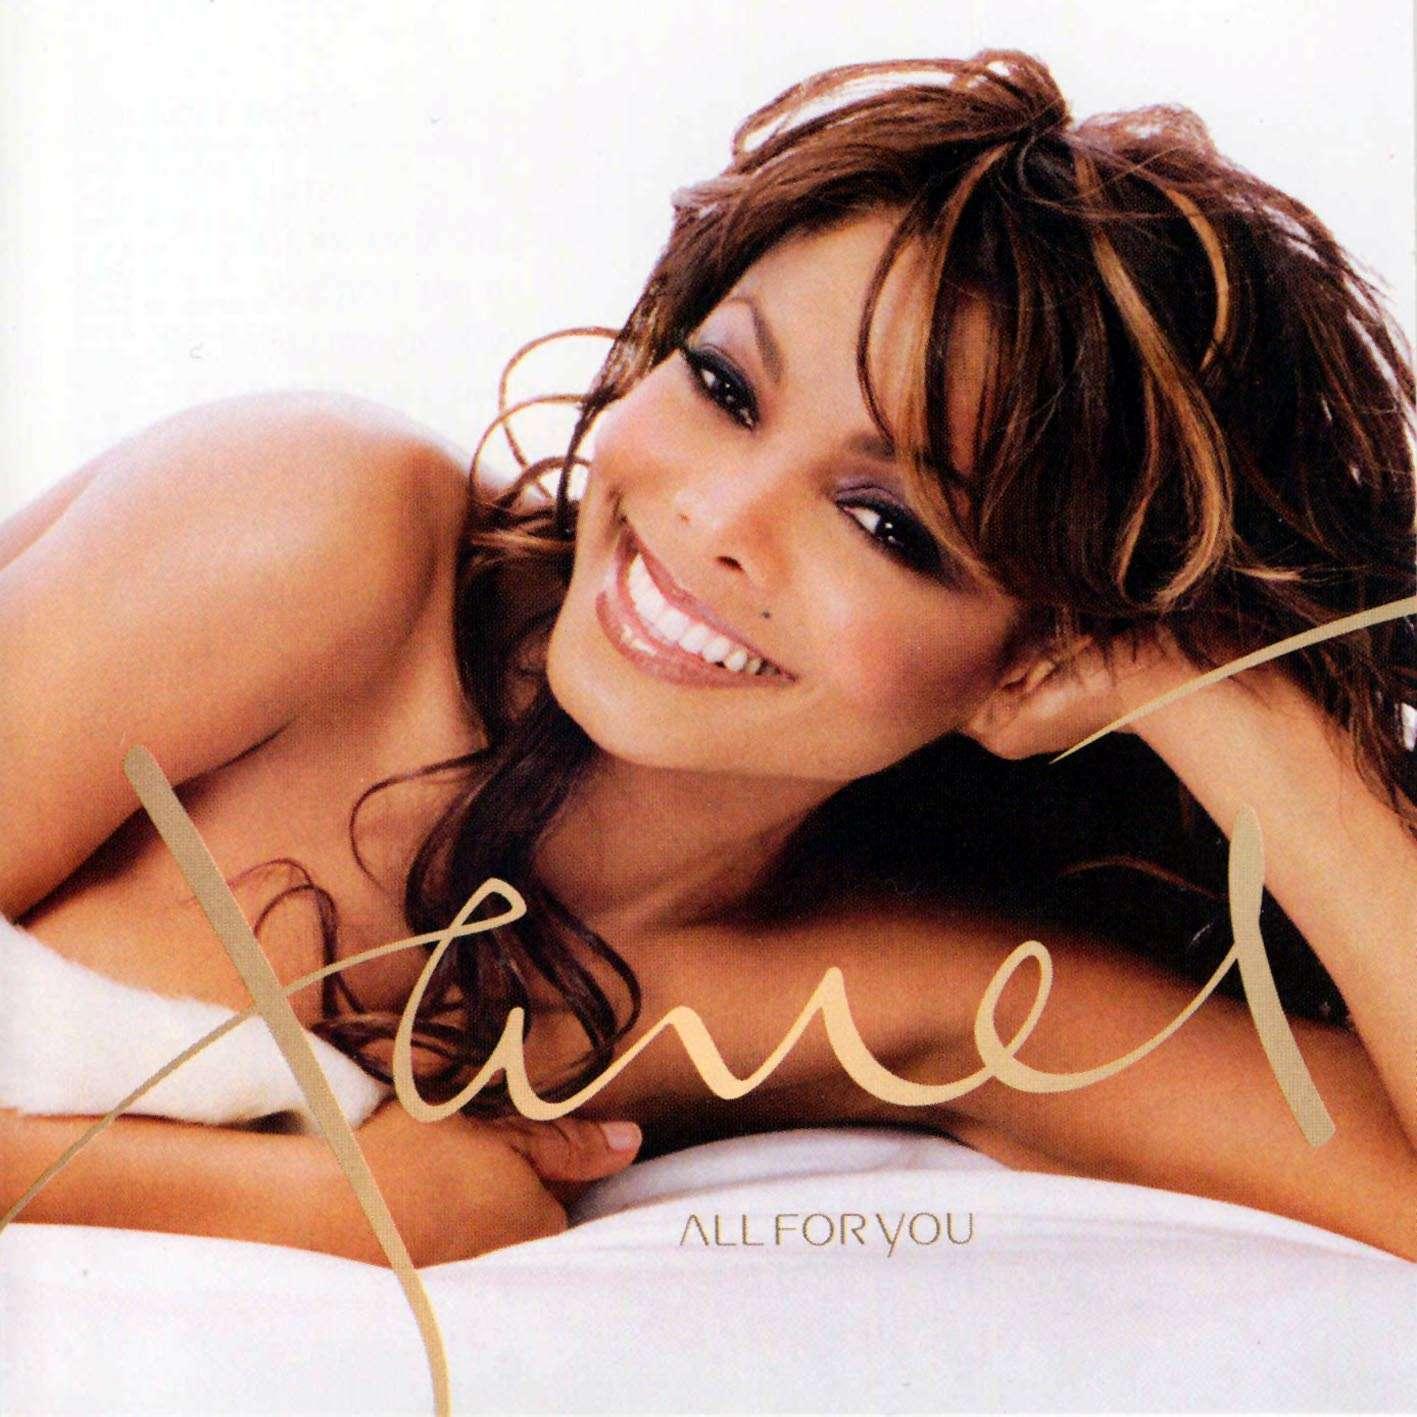 http://1.bp.blogspot.com/_xedH4e8Kv90/TIUYa8VirSI/AAAAAAAAIhU/WfucHEl5UrA/s1600/Janet_Jackson-All_For_You-Frontal.jpg